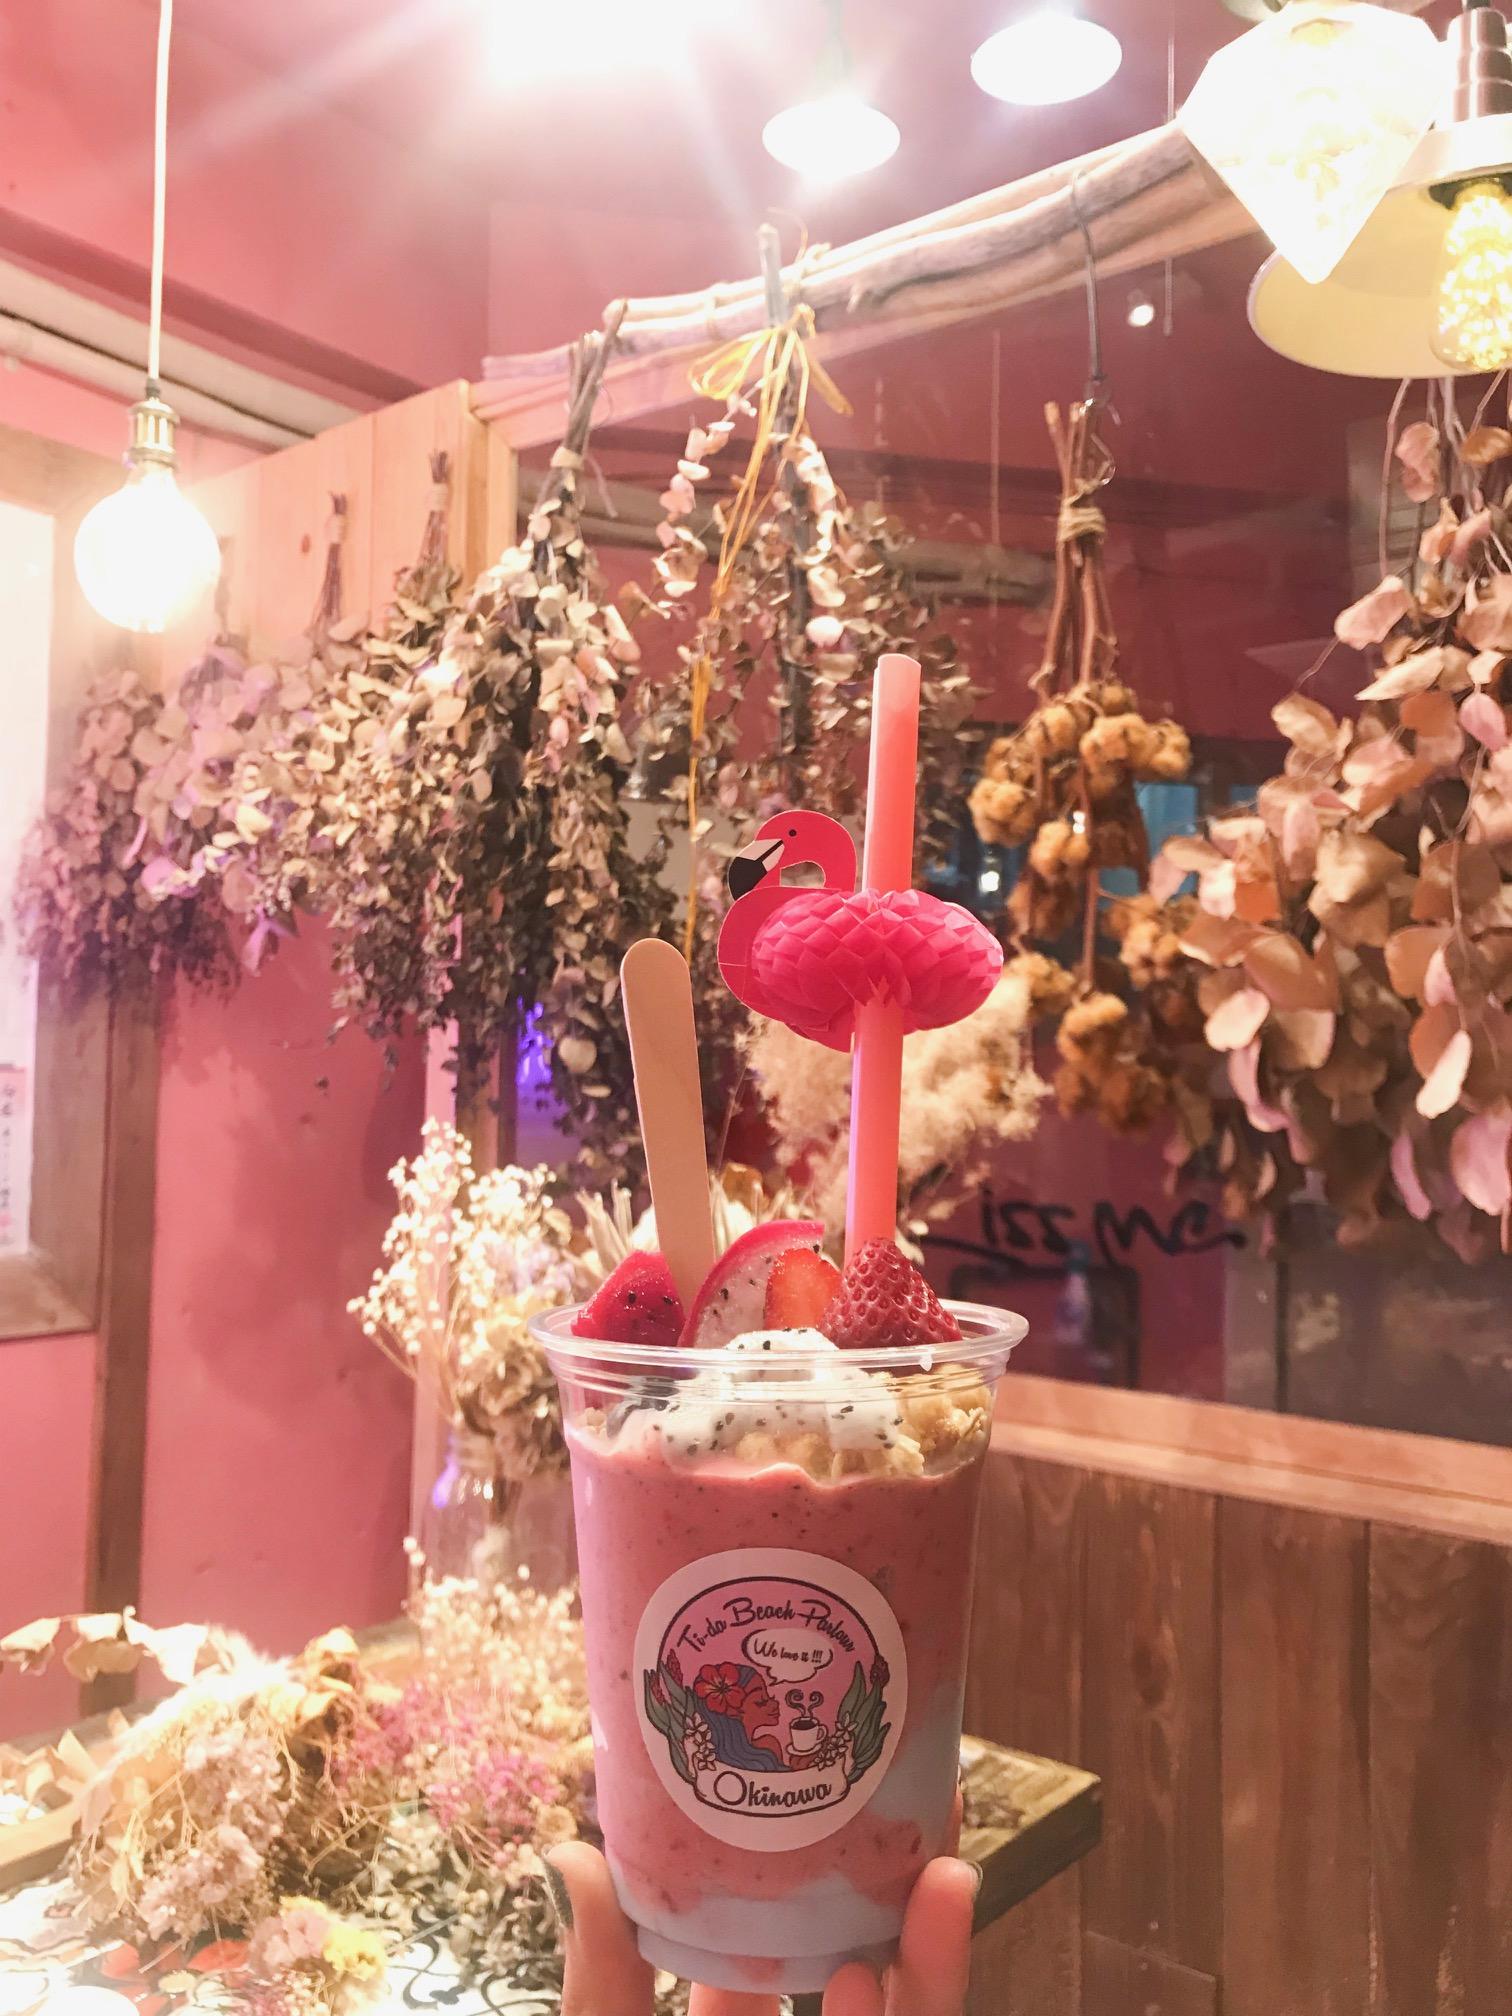 【沖縄女子旅】国際通りのかわいいカフェ♡ おしゃれスムージーと絶品サンドイッチのお店、教えます!_4